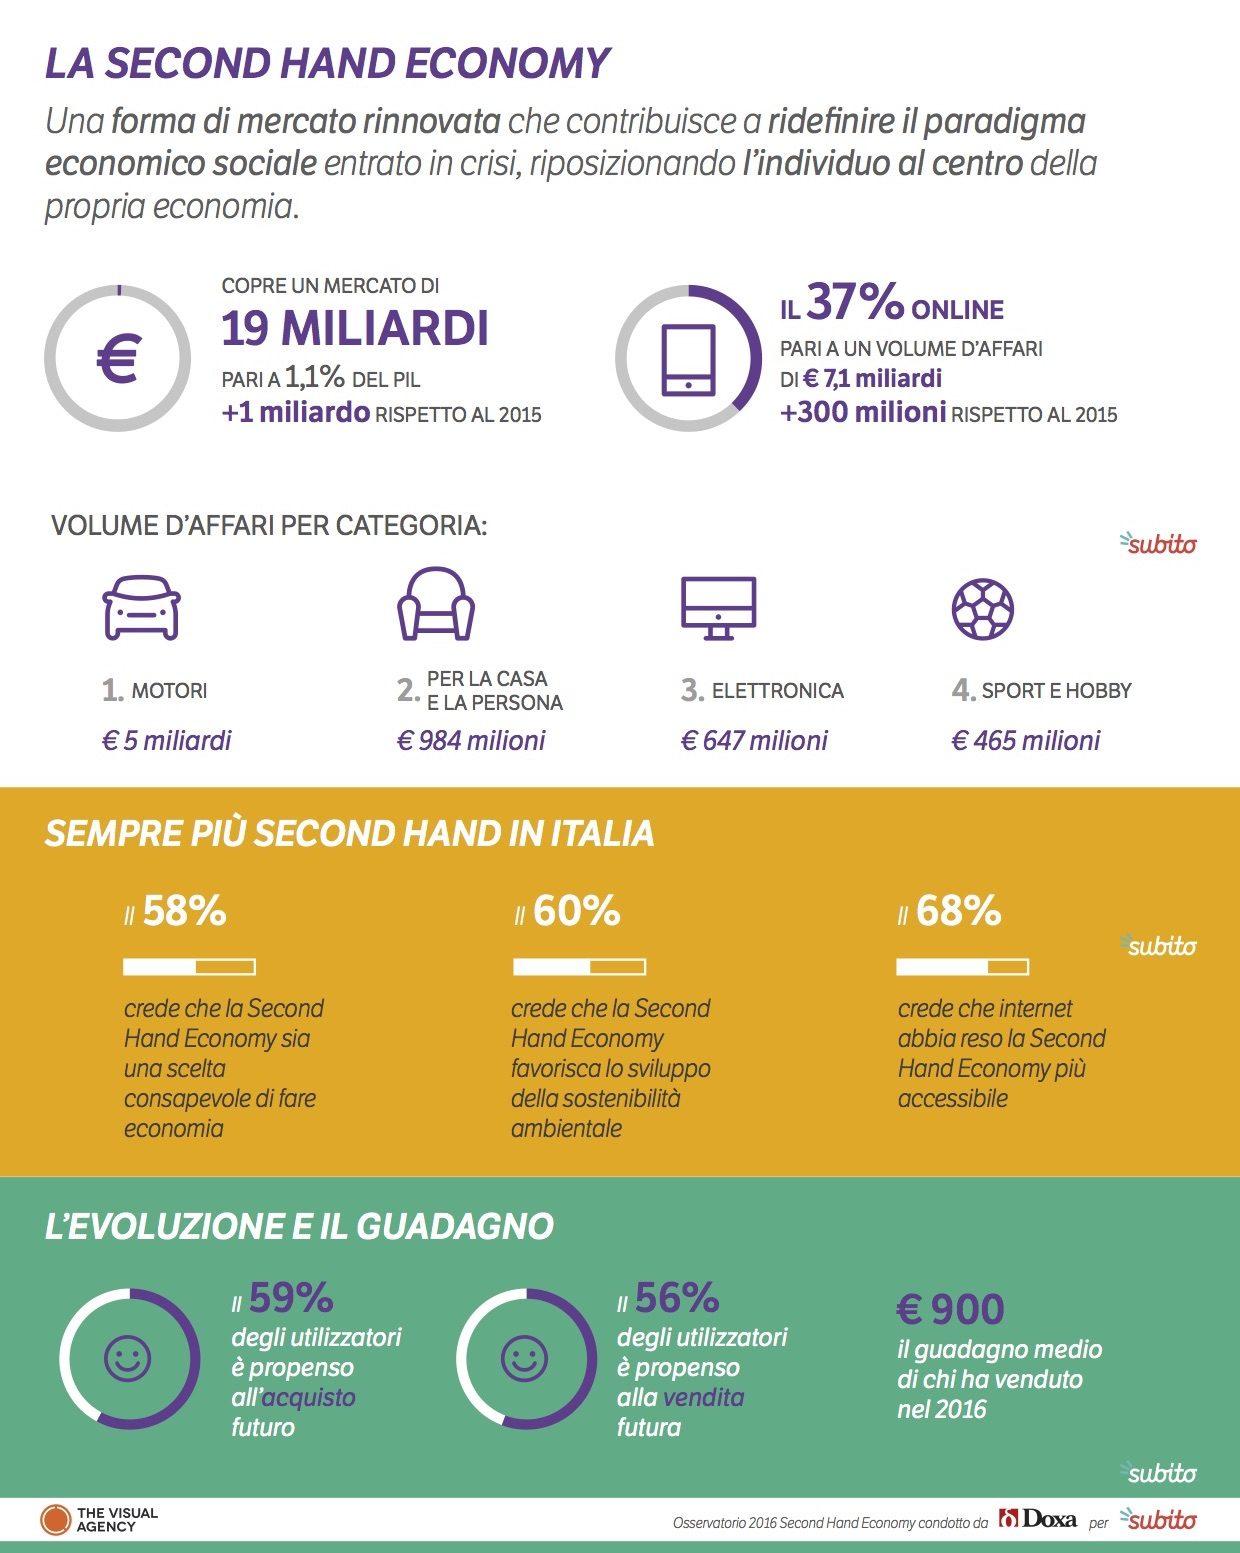 Second Hand Economy: cresce di €1 miliardo nel 2016